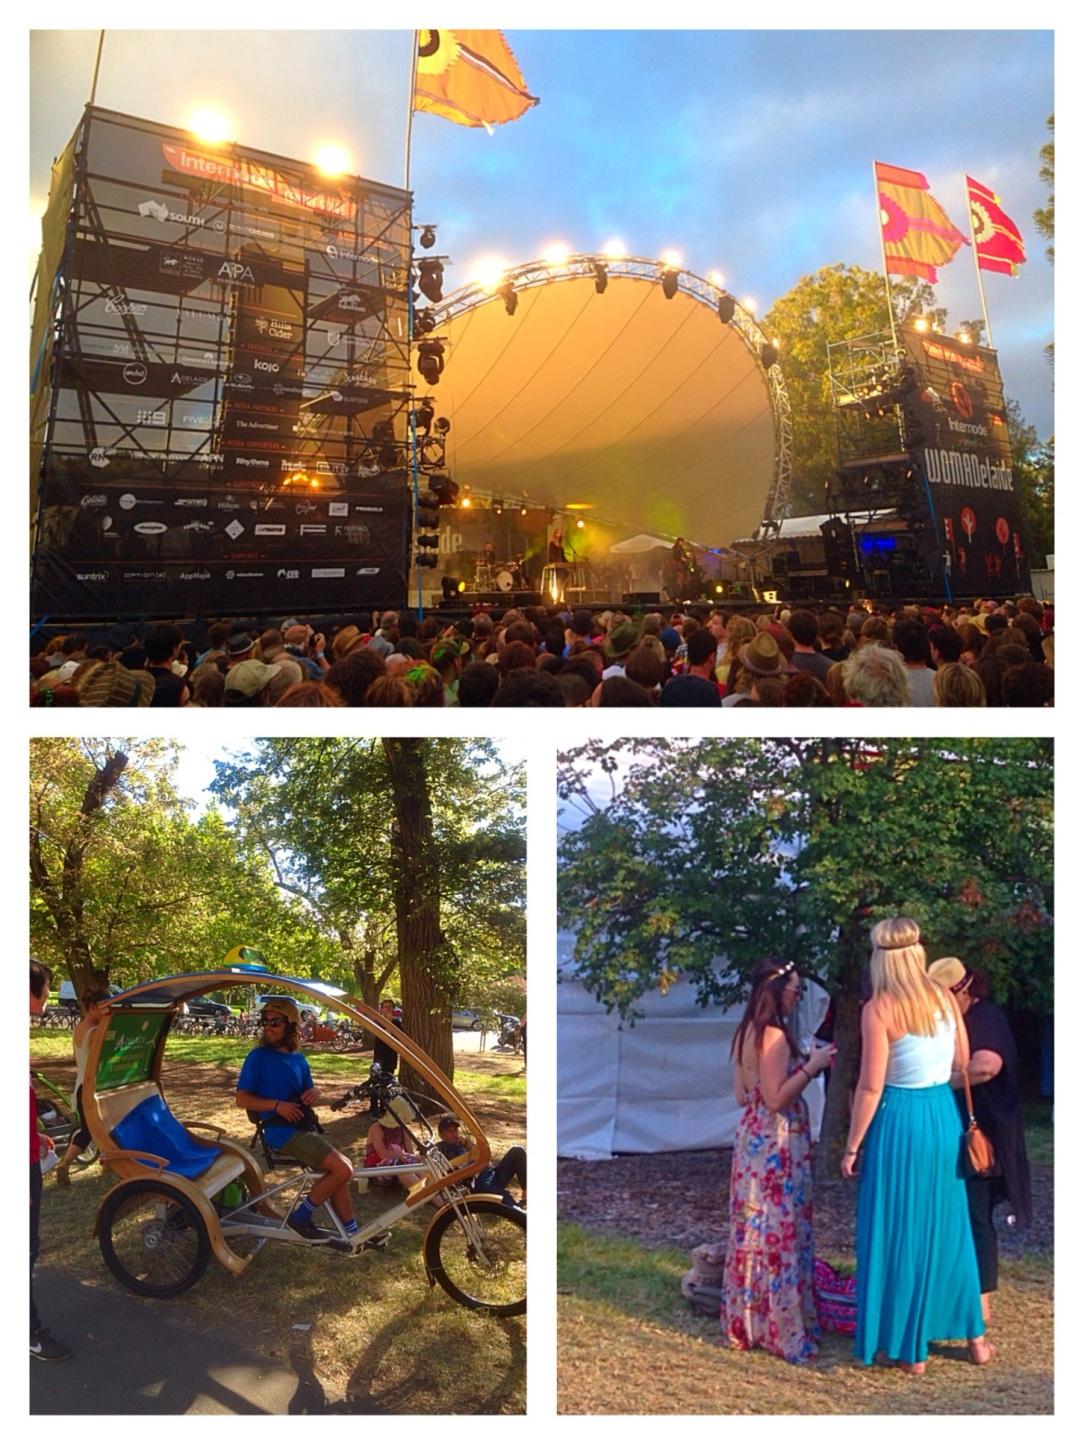 Womadelaide, Australia's world music festival